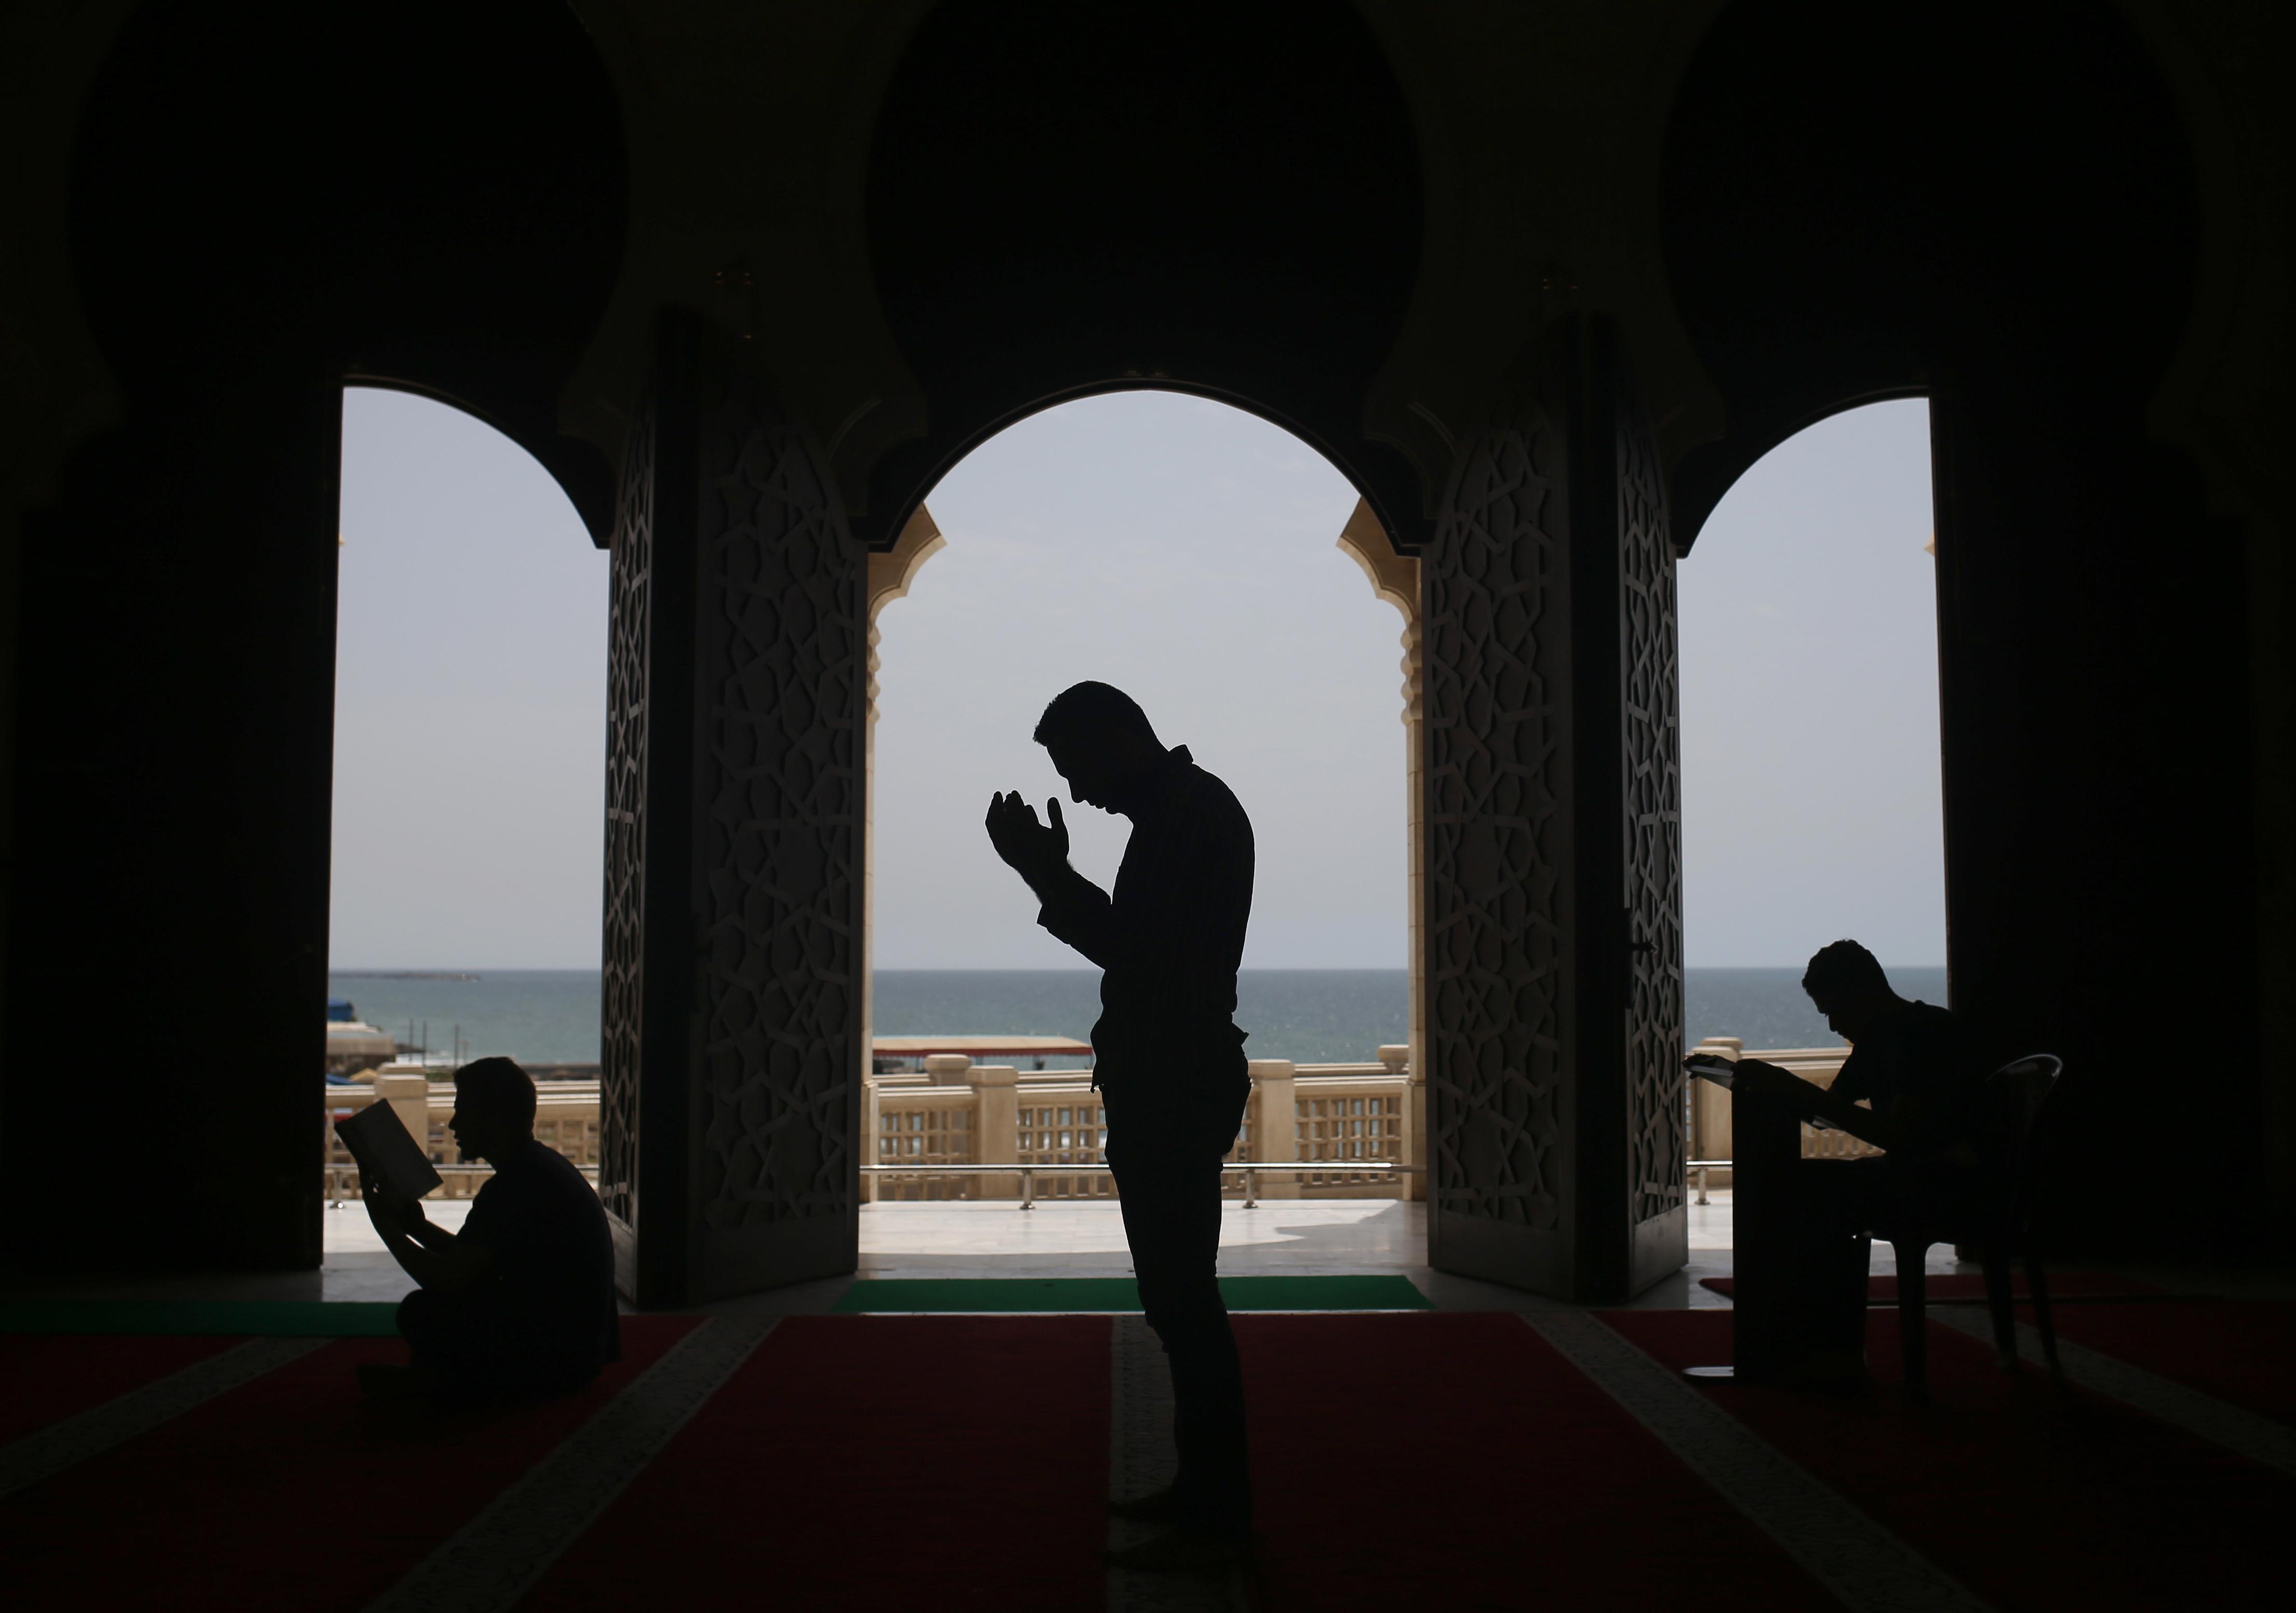 فلسطينيون يصلون في مسجد الخالدي في غزة في ثالث أيام رمضان